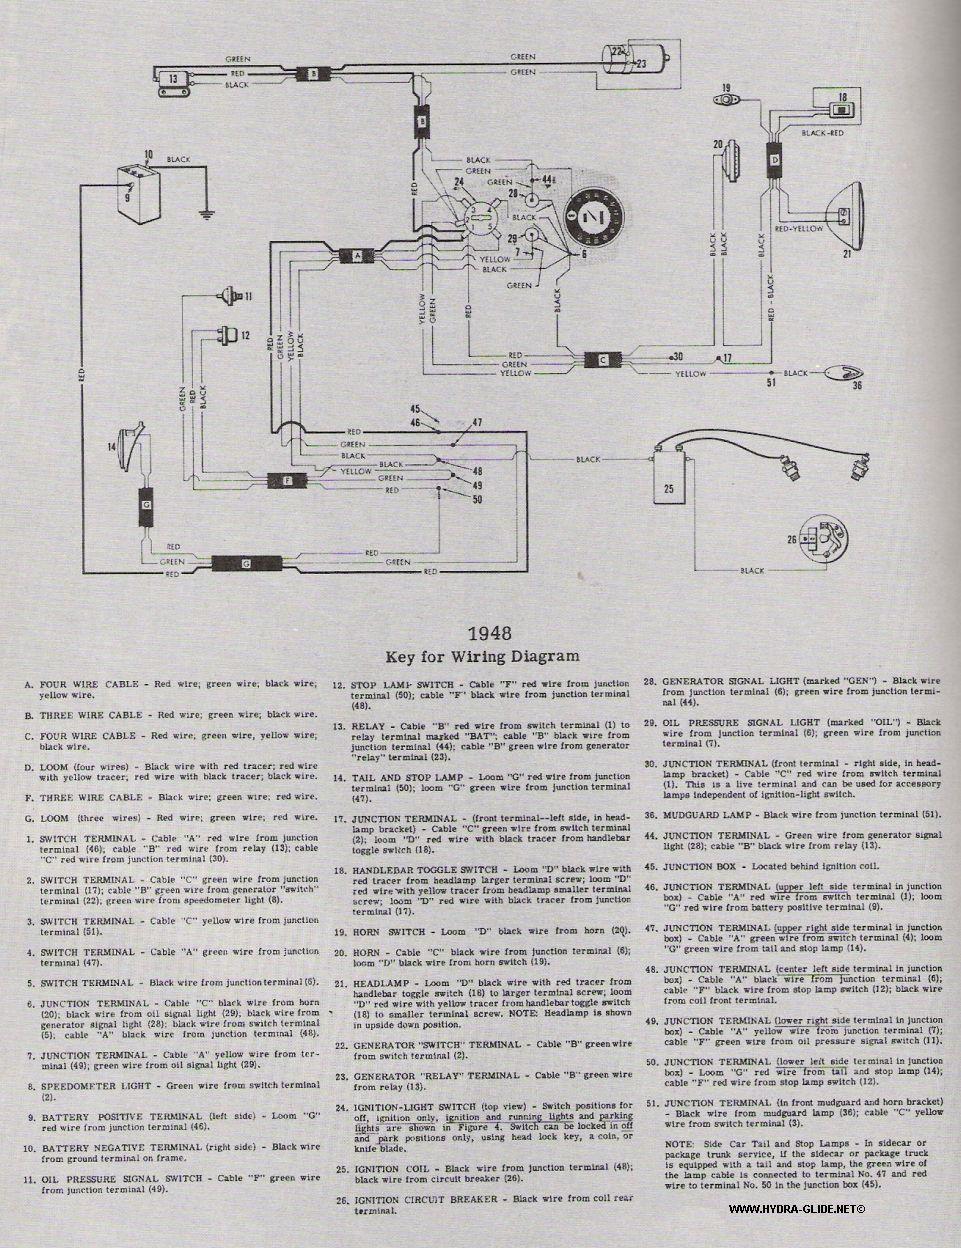 1948 Wiring Diagram